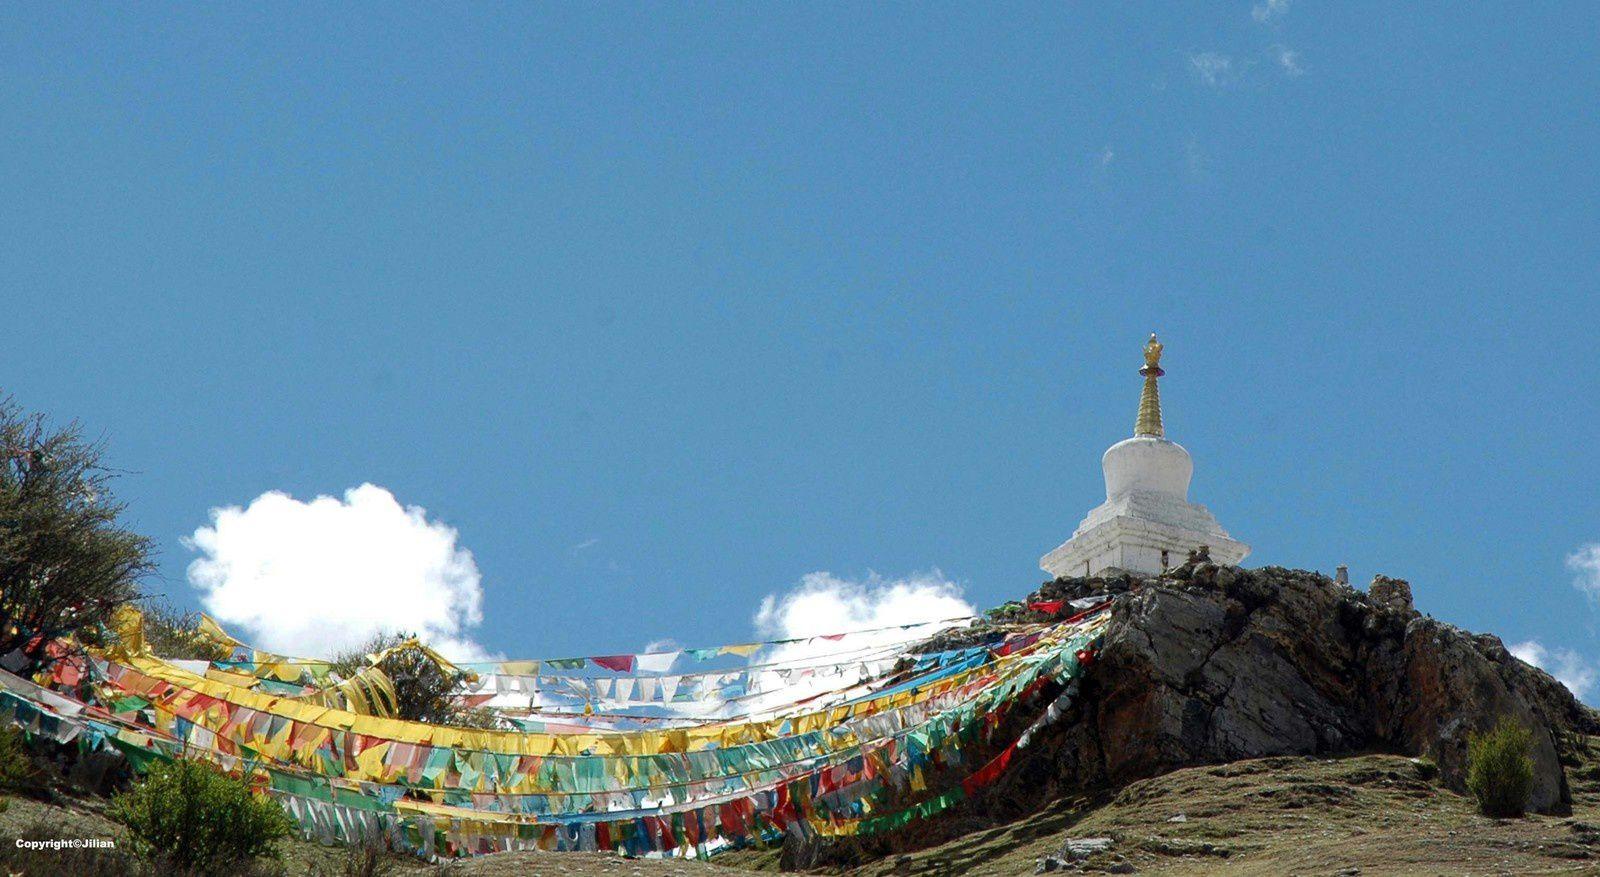 Drapeaux de prières et chorten  (ou stupa, qui contient des reliques d'un important personnage religieux)